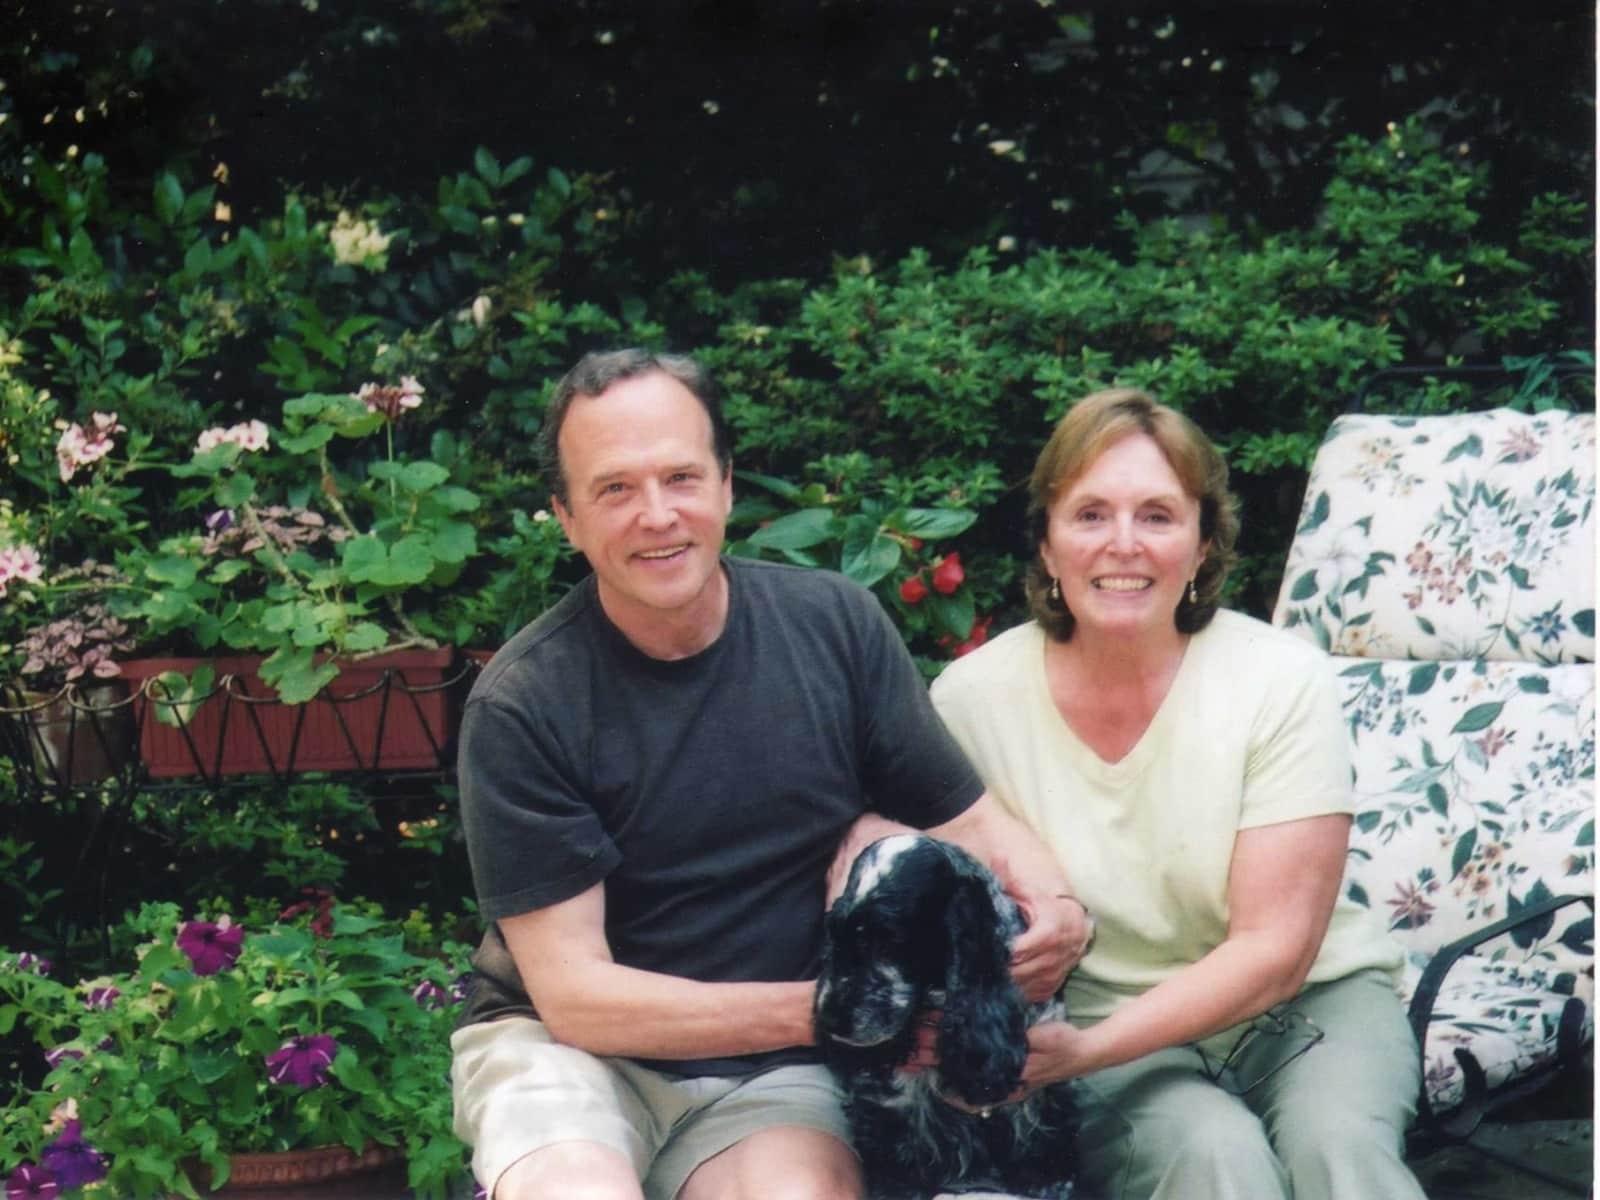 Pamela & Frederick from Bainbridge Island, Washington, United States